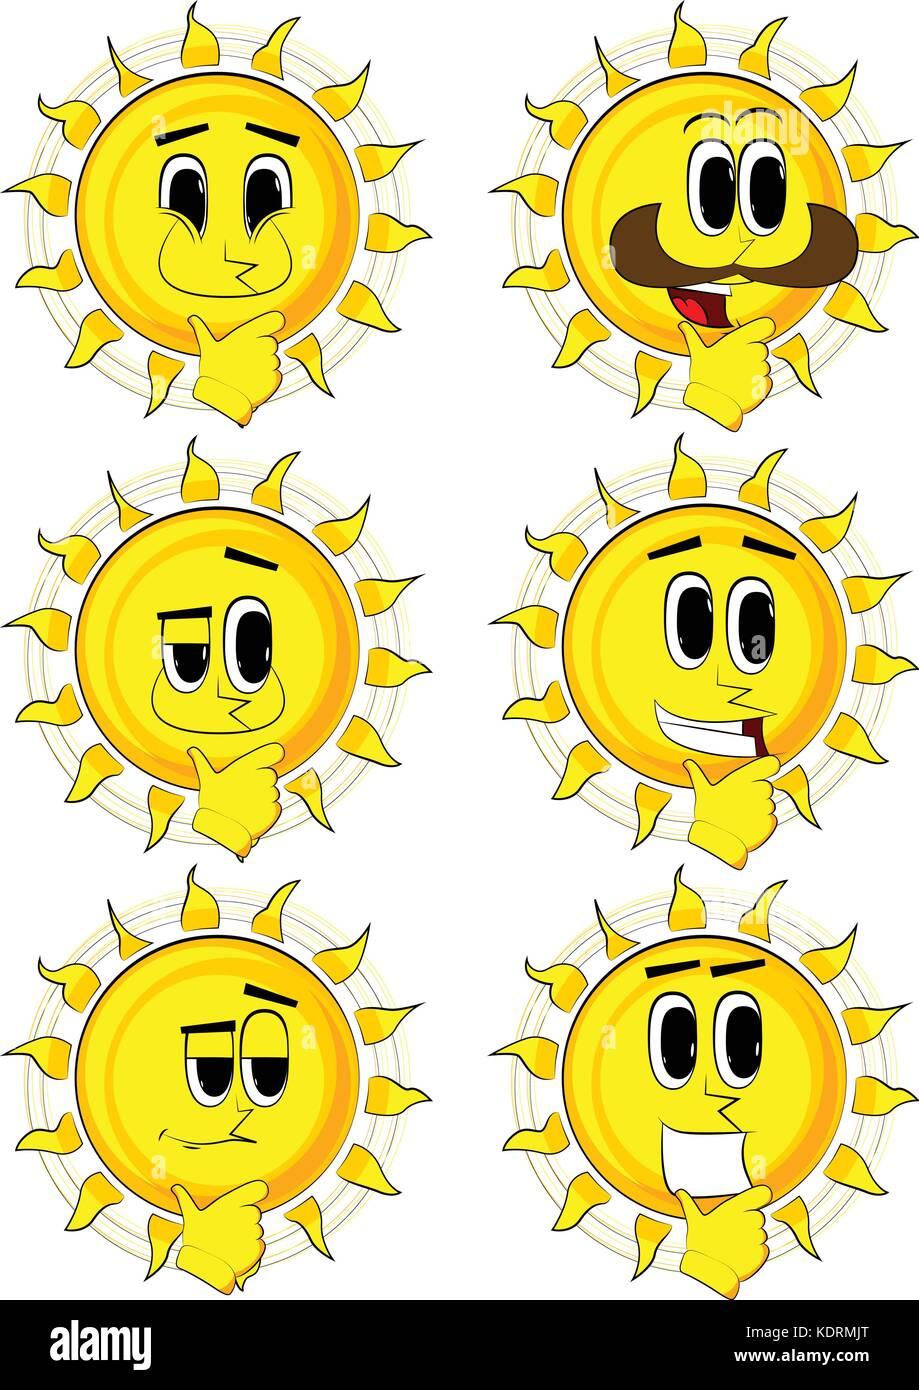 Sun Pensar Colección De Dibujos Animados Con Caras Felices